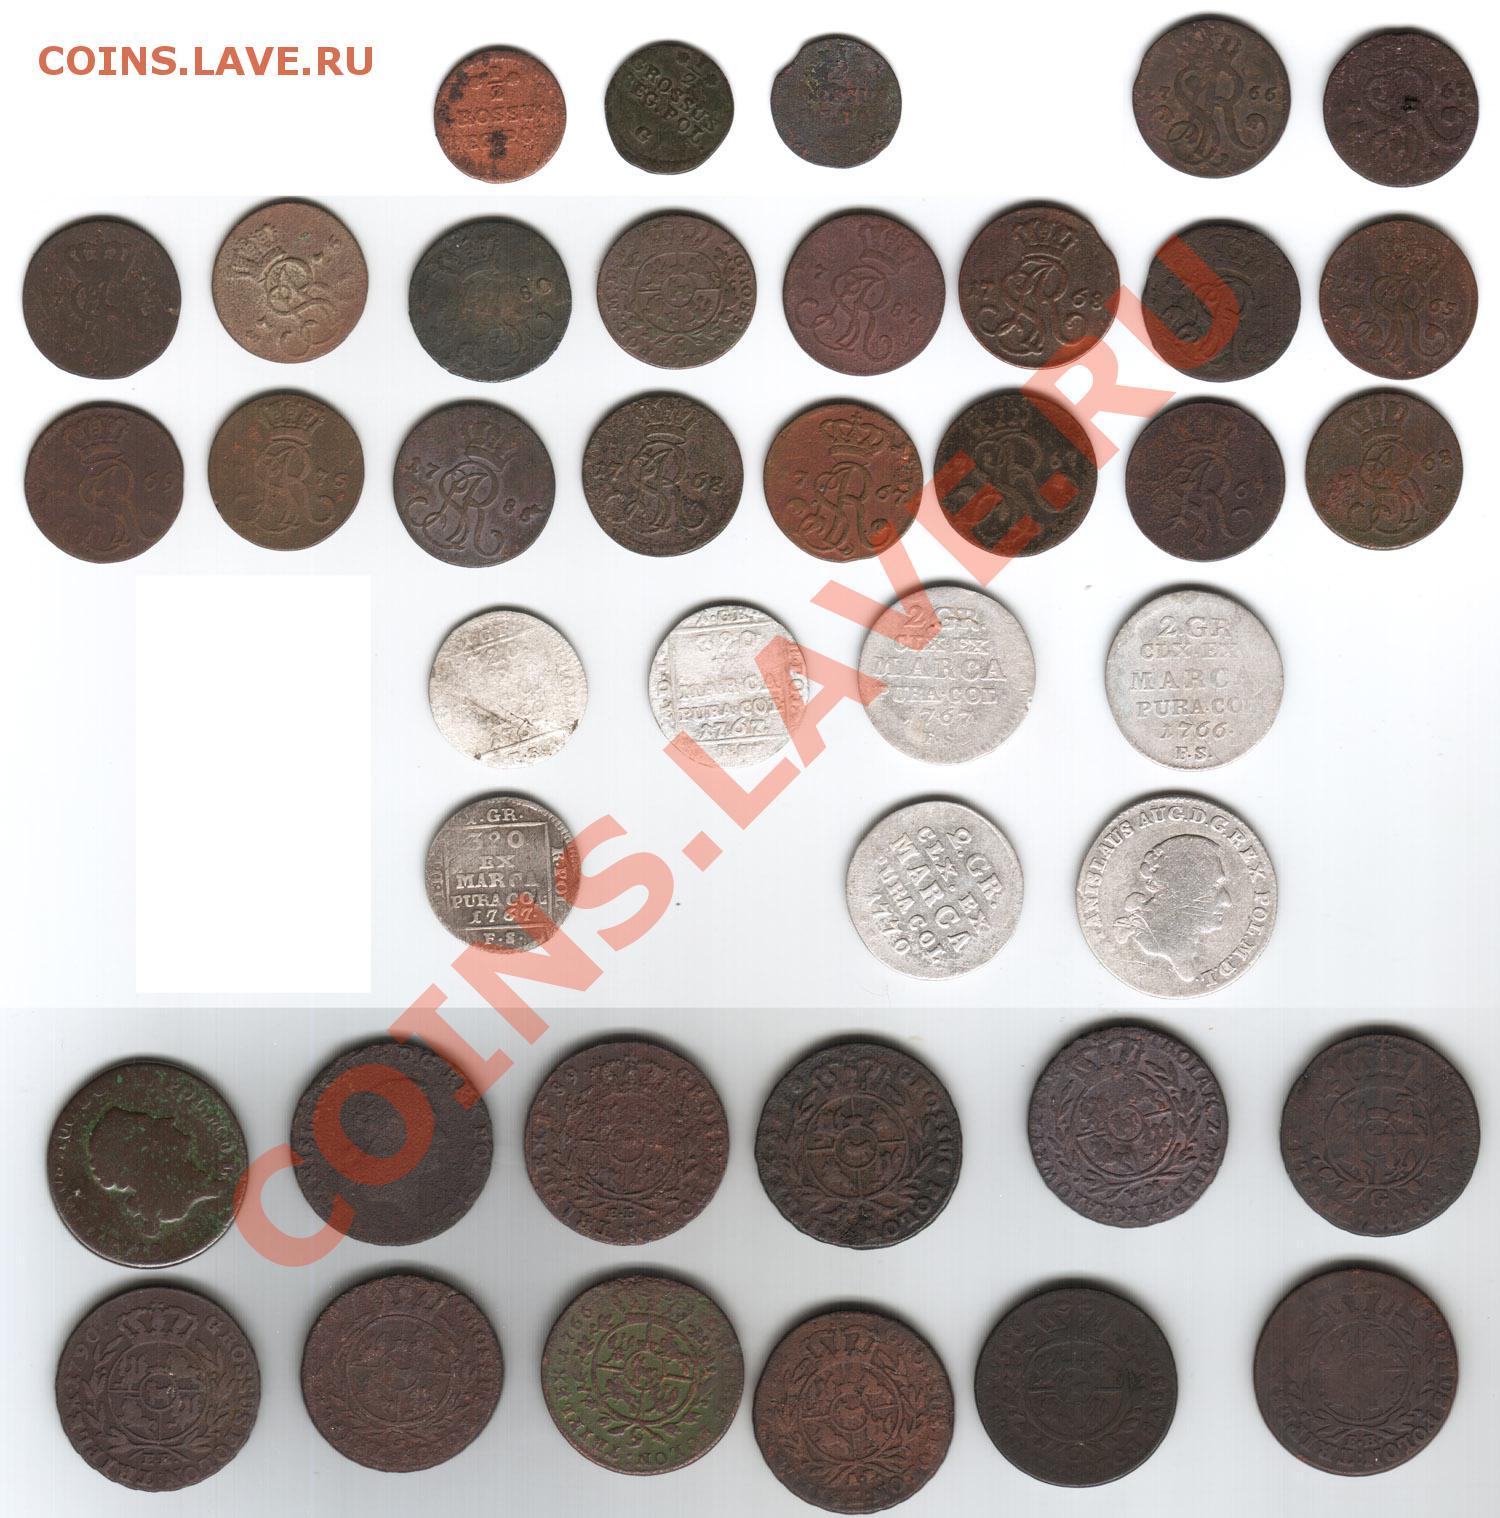 Альбом монеты польши монеты ссср 1949 года цена